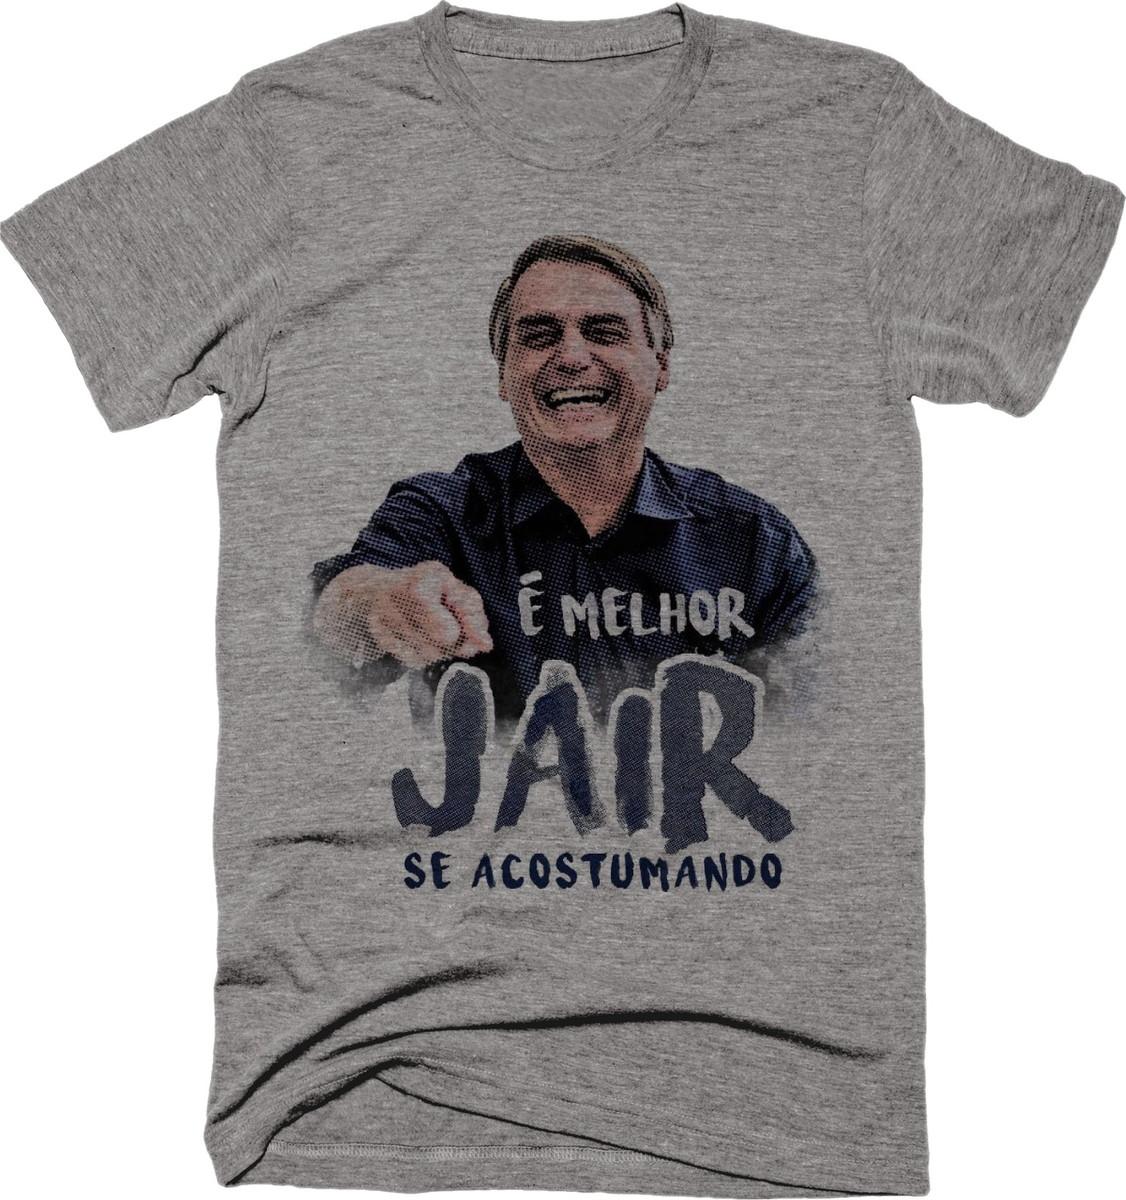 ef16245937f4b Camiseta Jair Bolsonaro É Melhor Jair se Acostumando Cinza no Elo7 ...